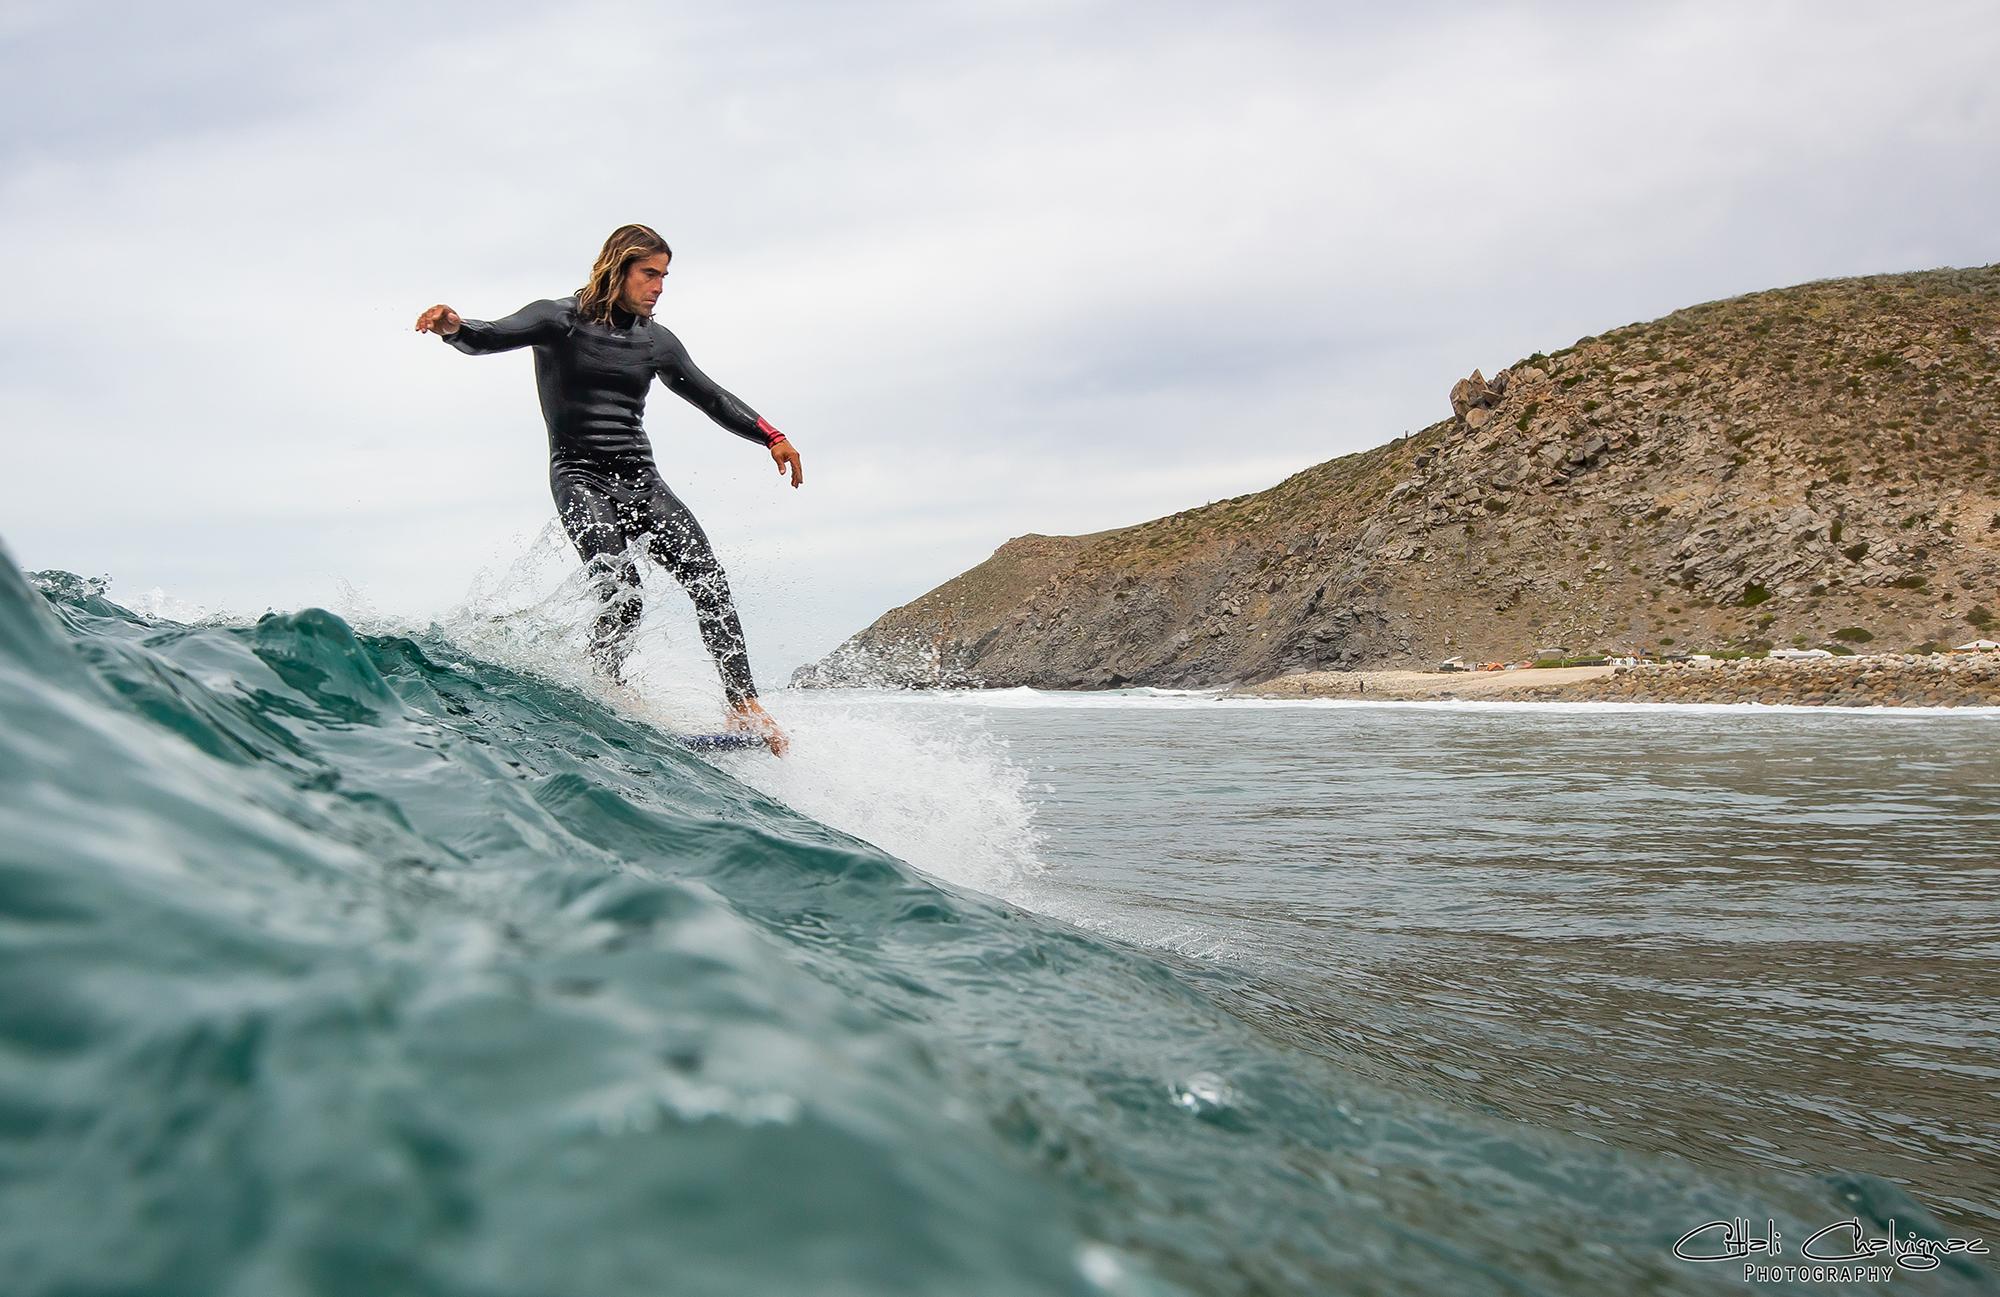 Galeria Surf imagen 15 Citlali Chalvignac